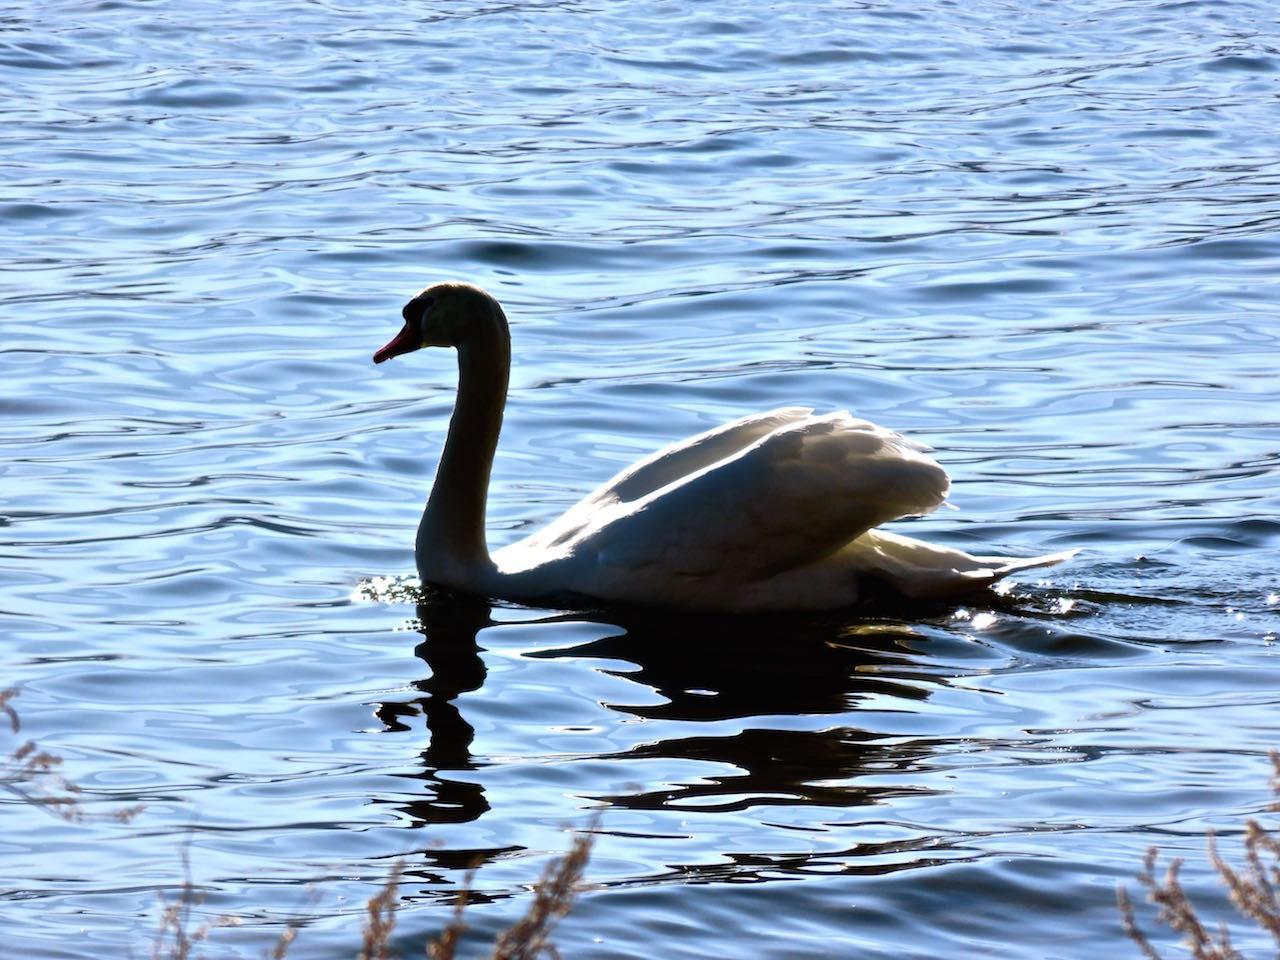 山中湖の白鳥 by住職